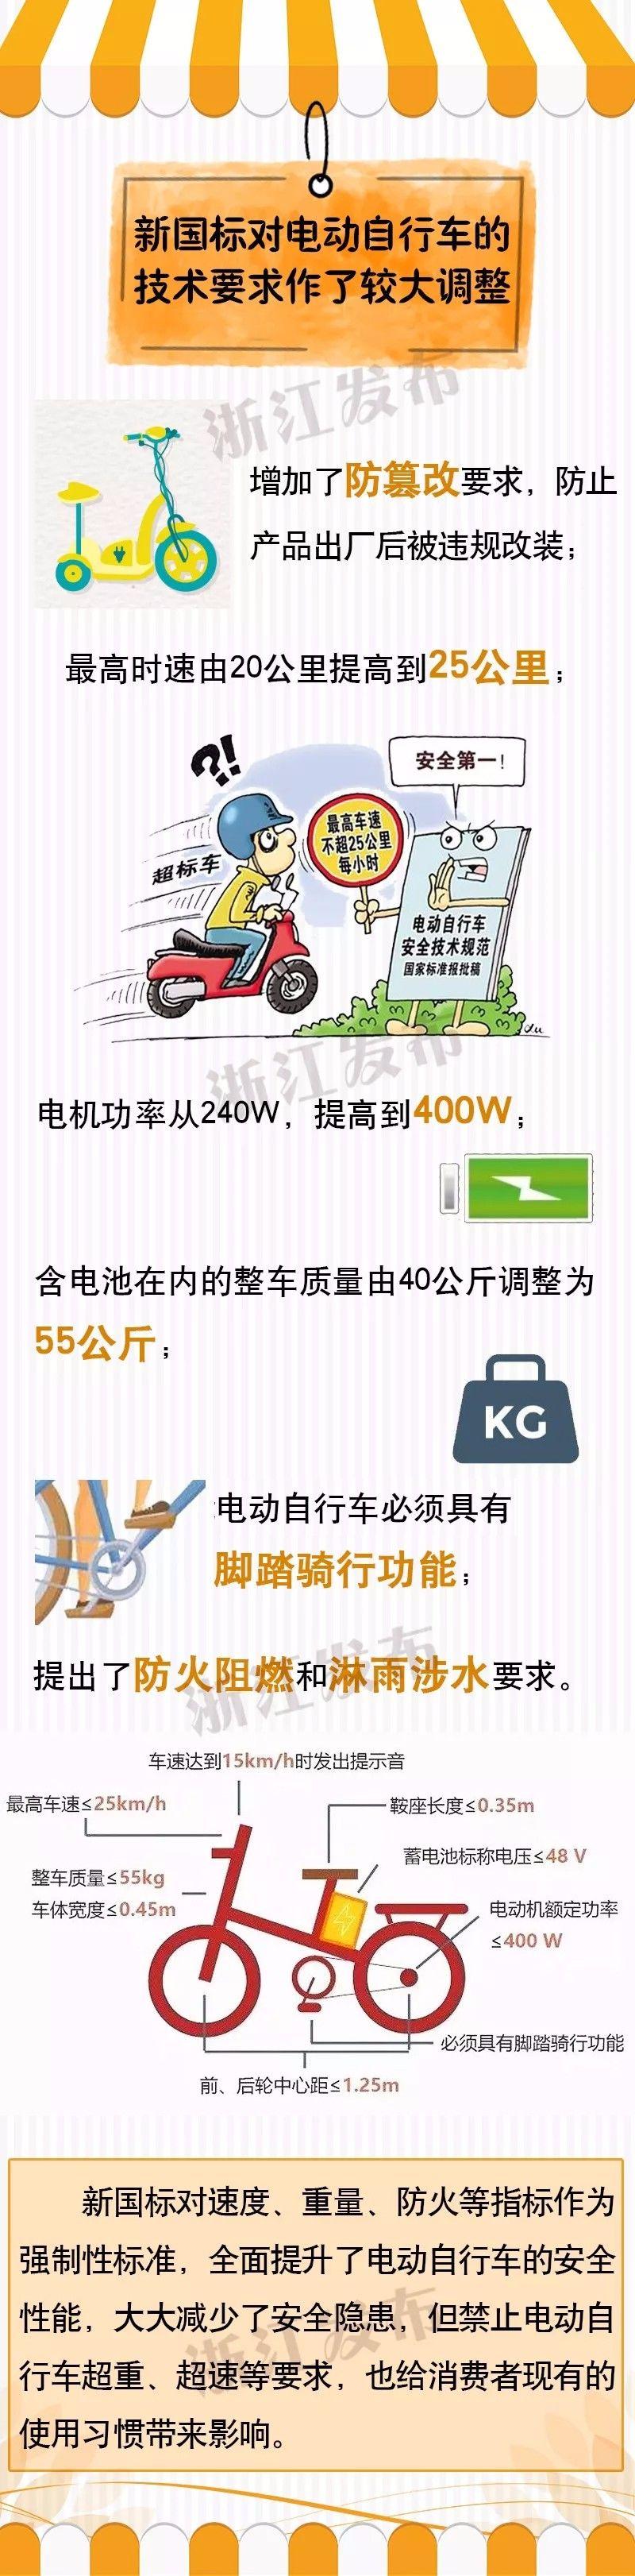 杭州新国标电动车有什么特点?